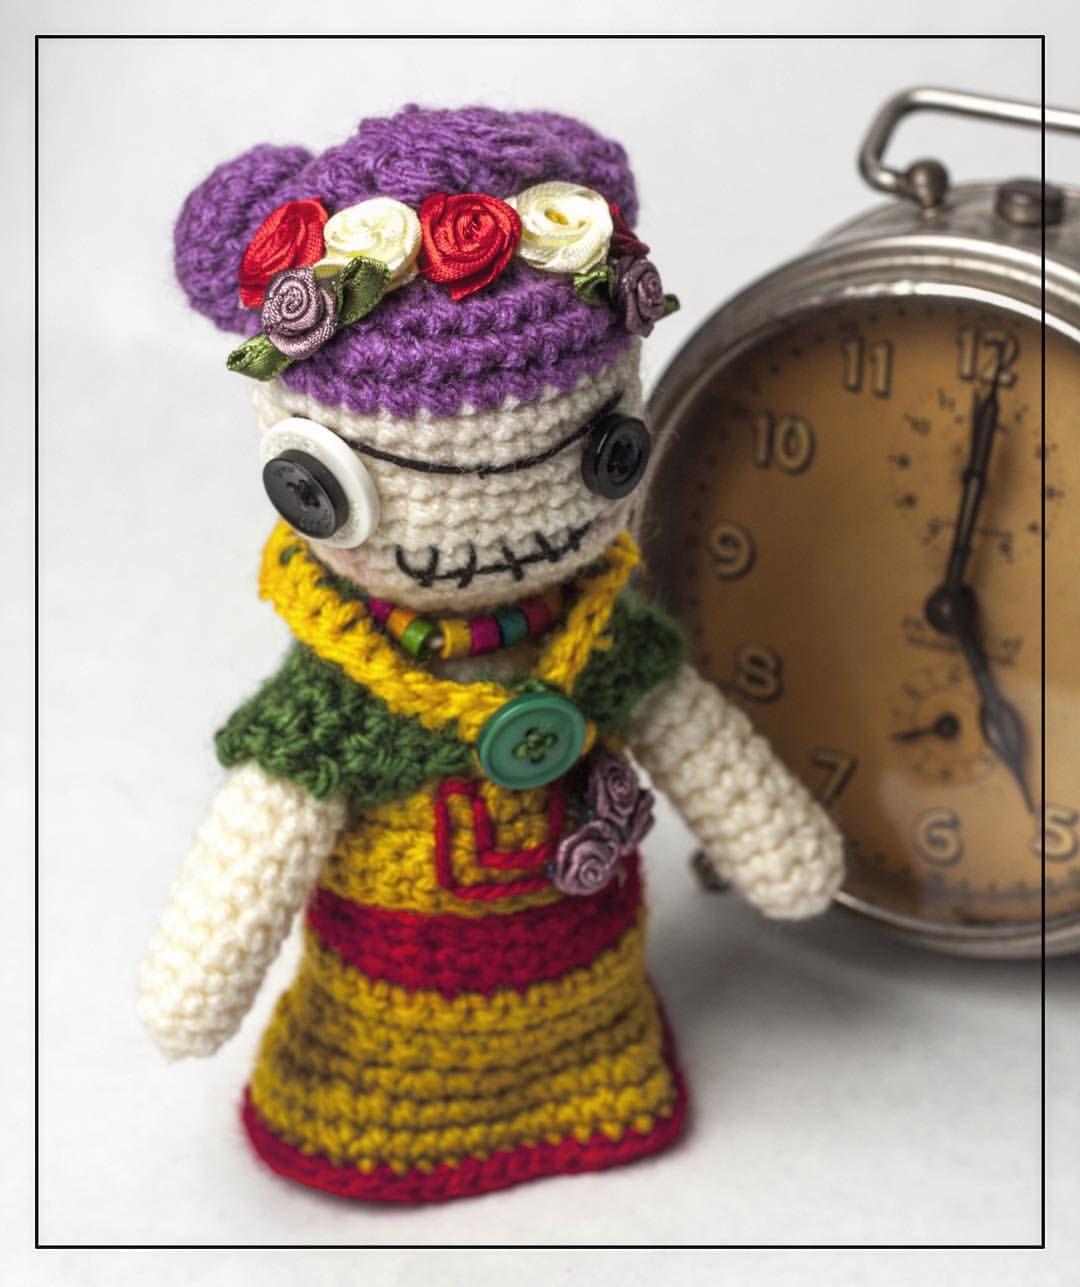 I LOVE this zombie Frida Kahlo amigurumi crocheted by Ywana ...